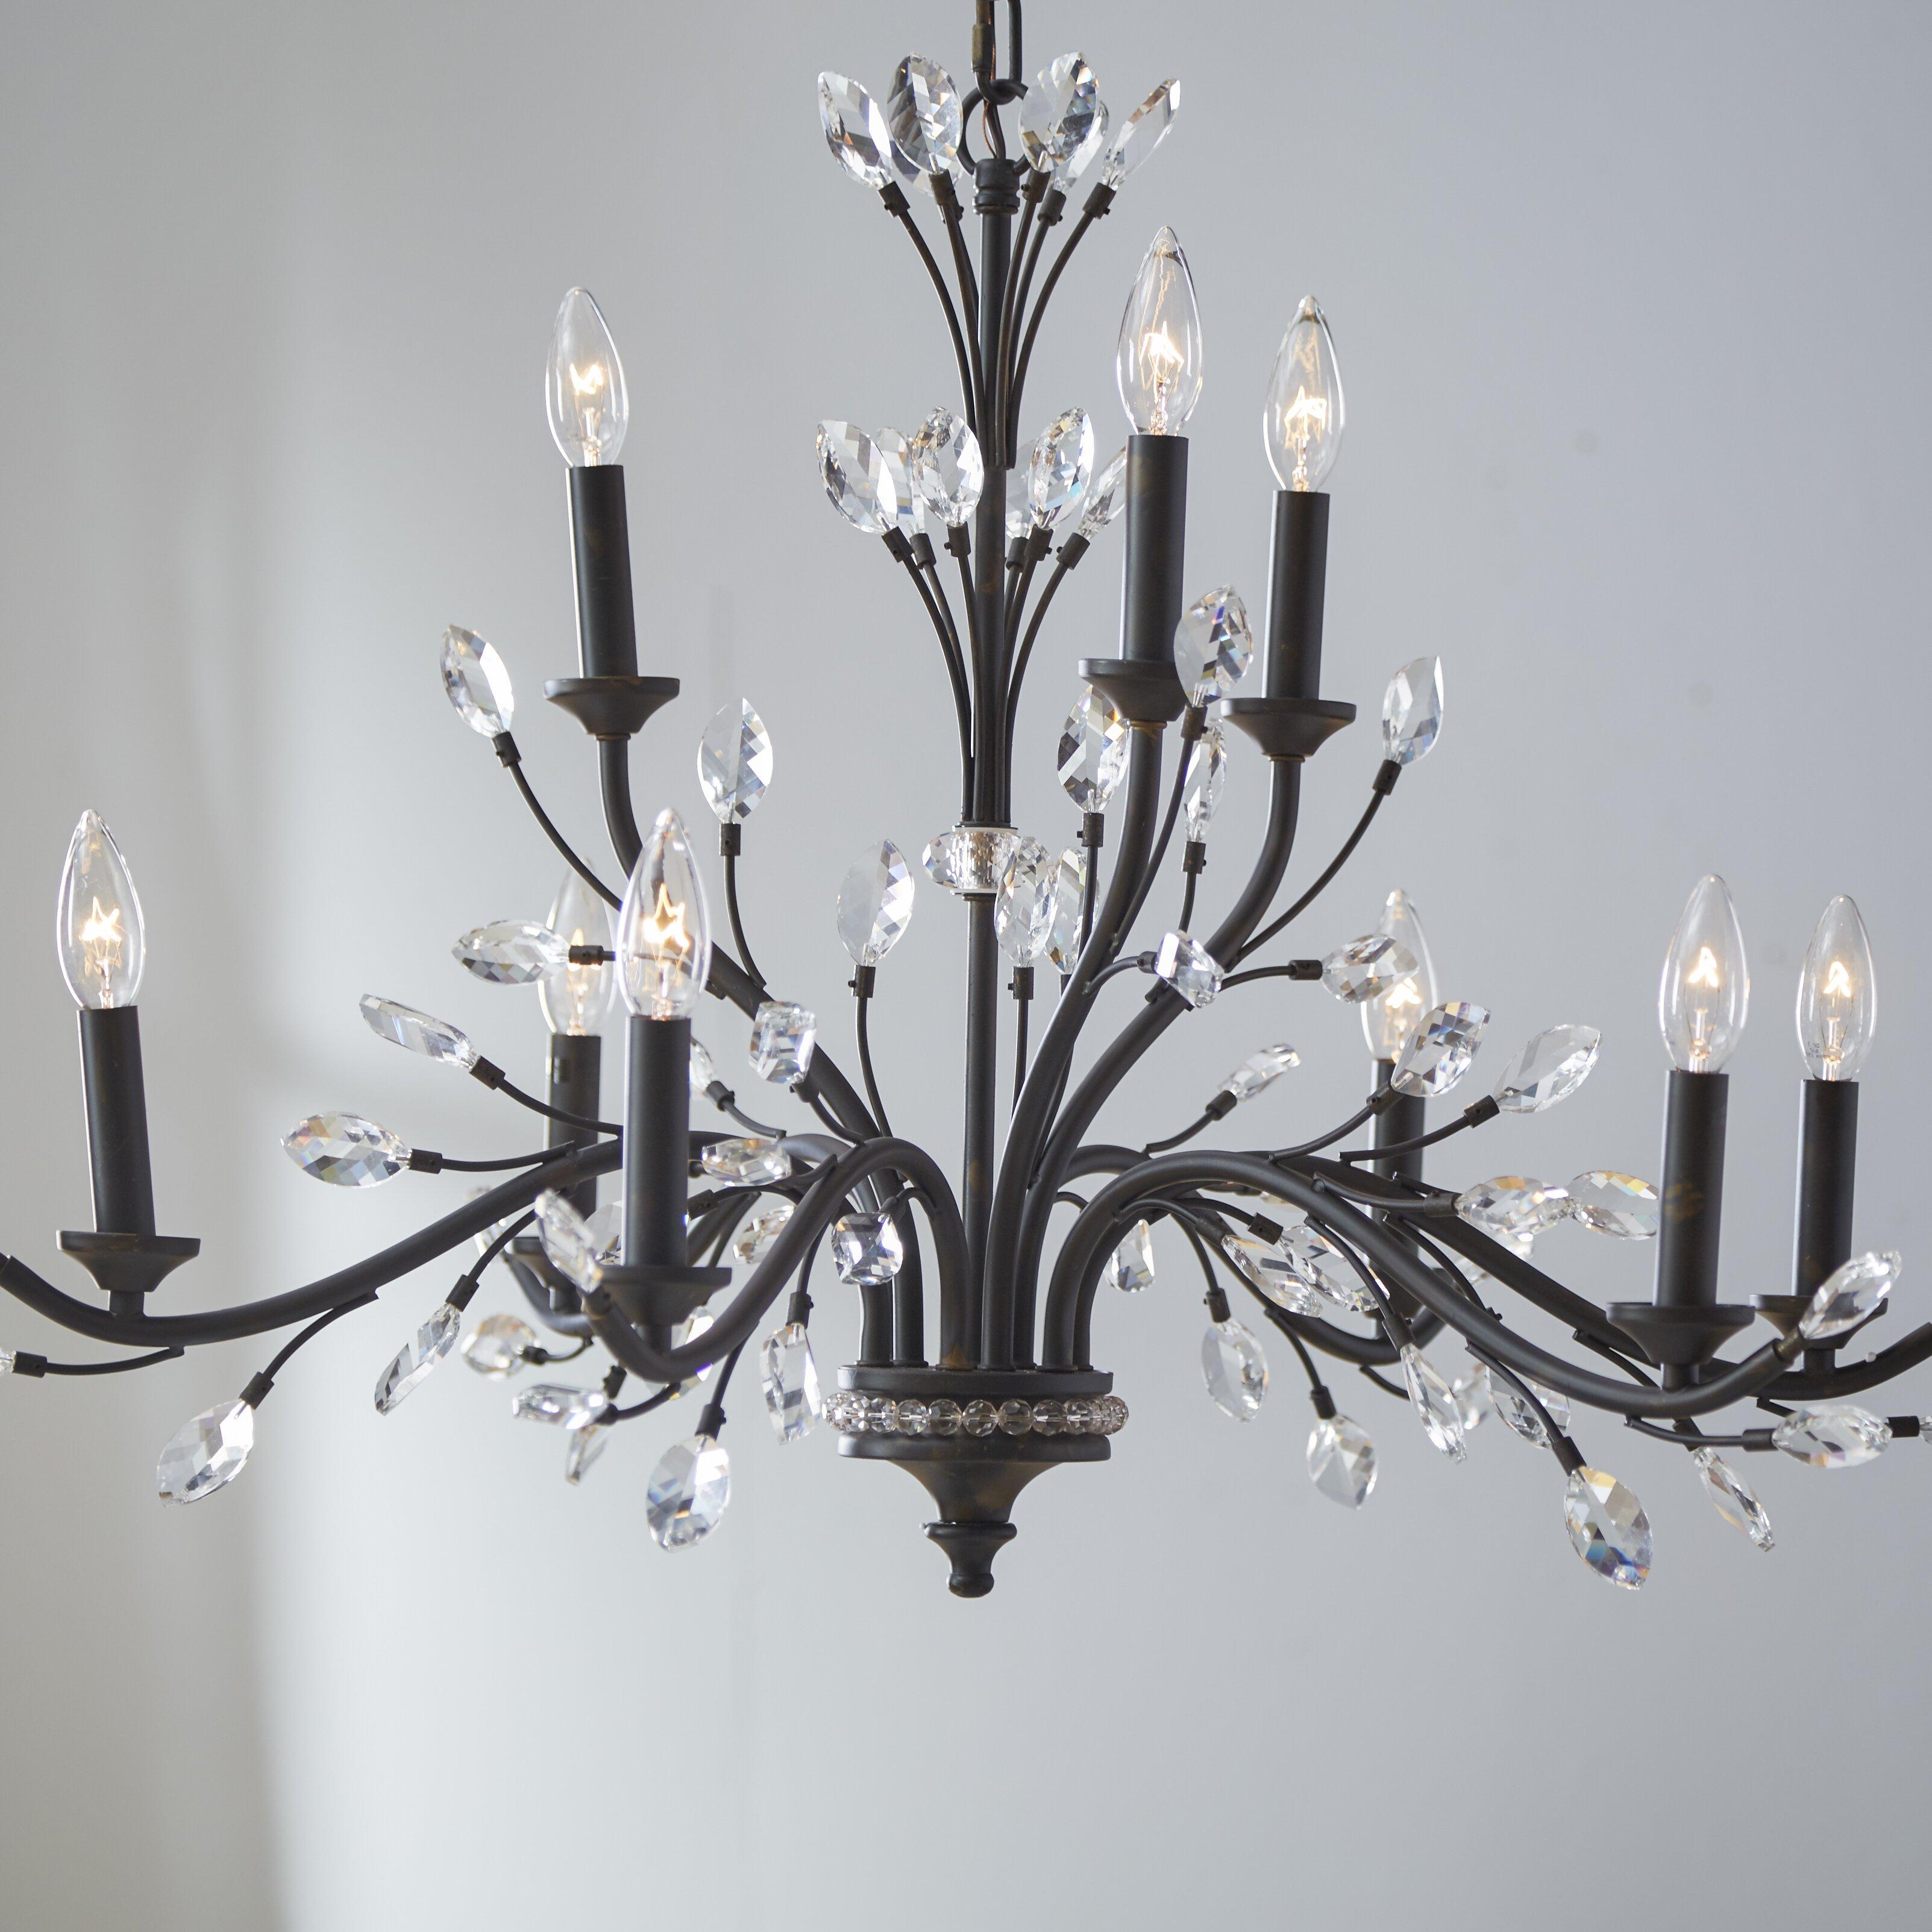 elk lighting crystal branches 9 light candle chandelier wayfair. Black Bedroom Furniture Sets. Home Design Ideas